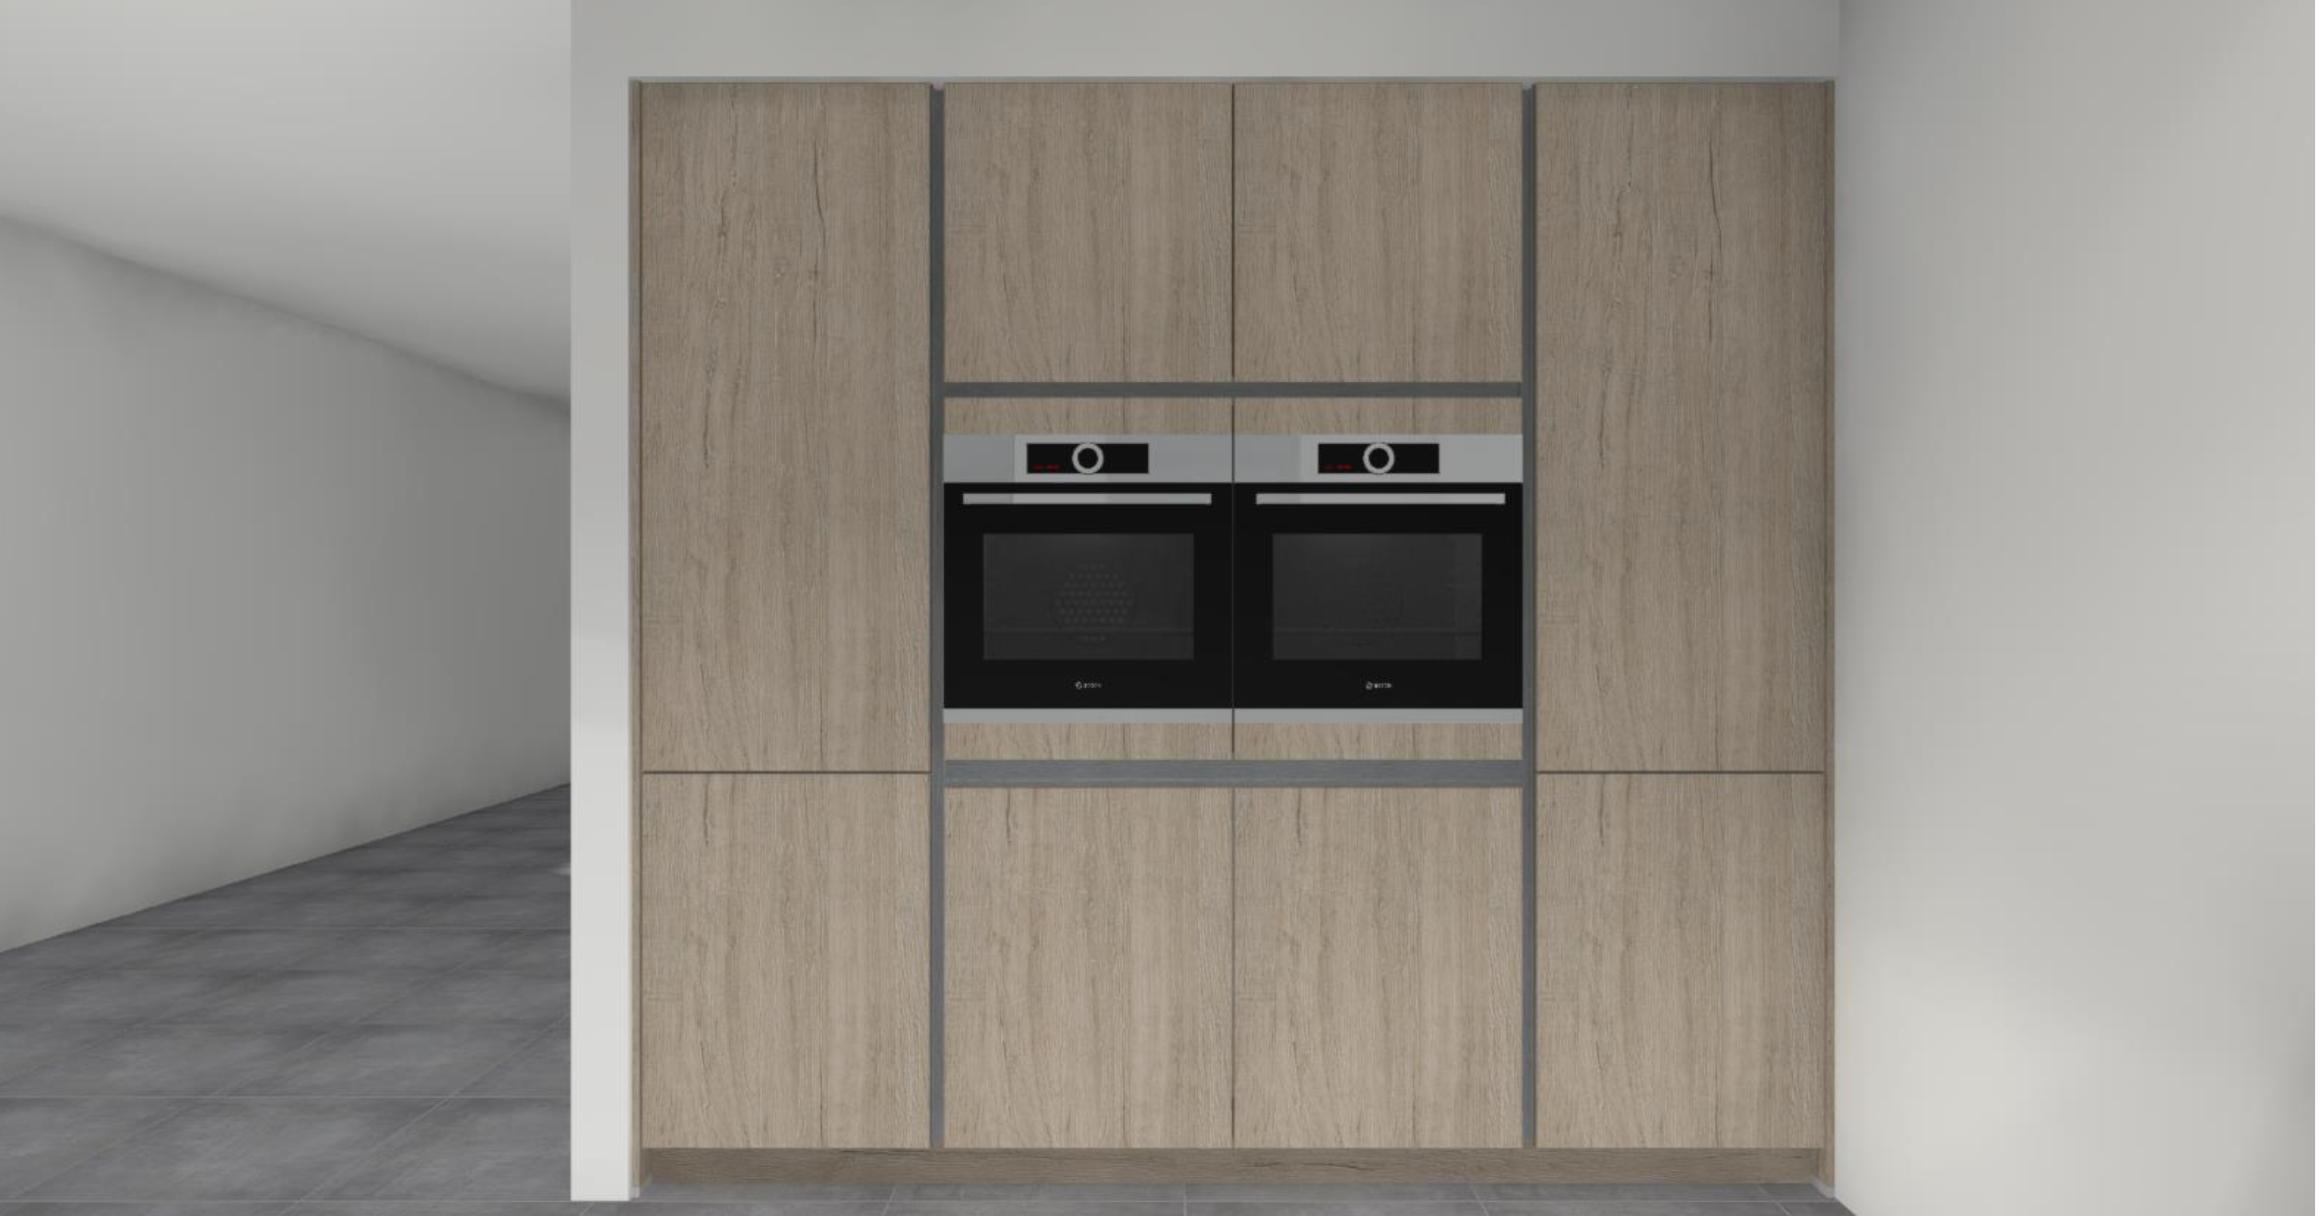 Keuken wand met ovens koelkast vriezer en servieskast nieuw